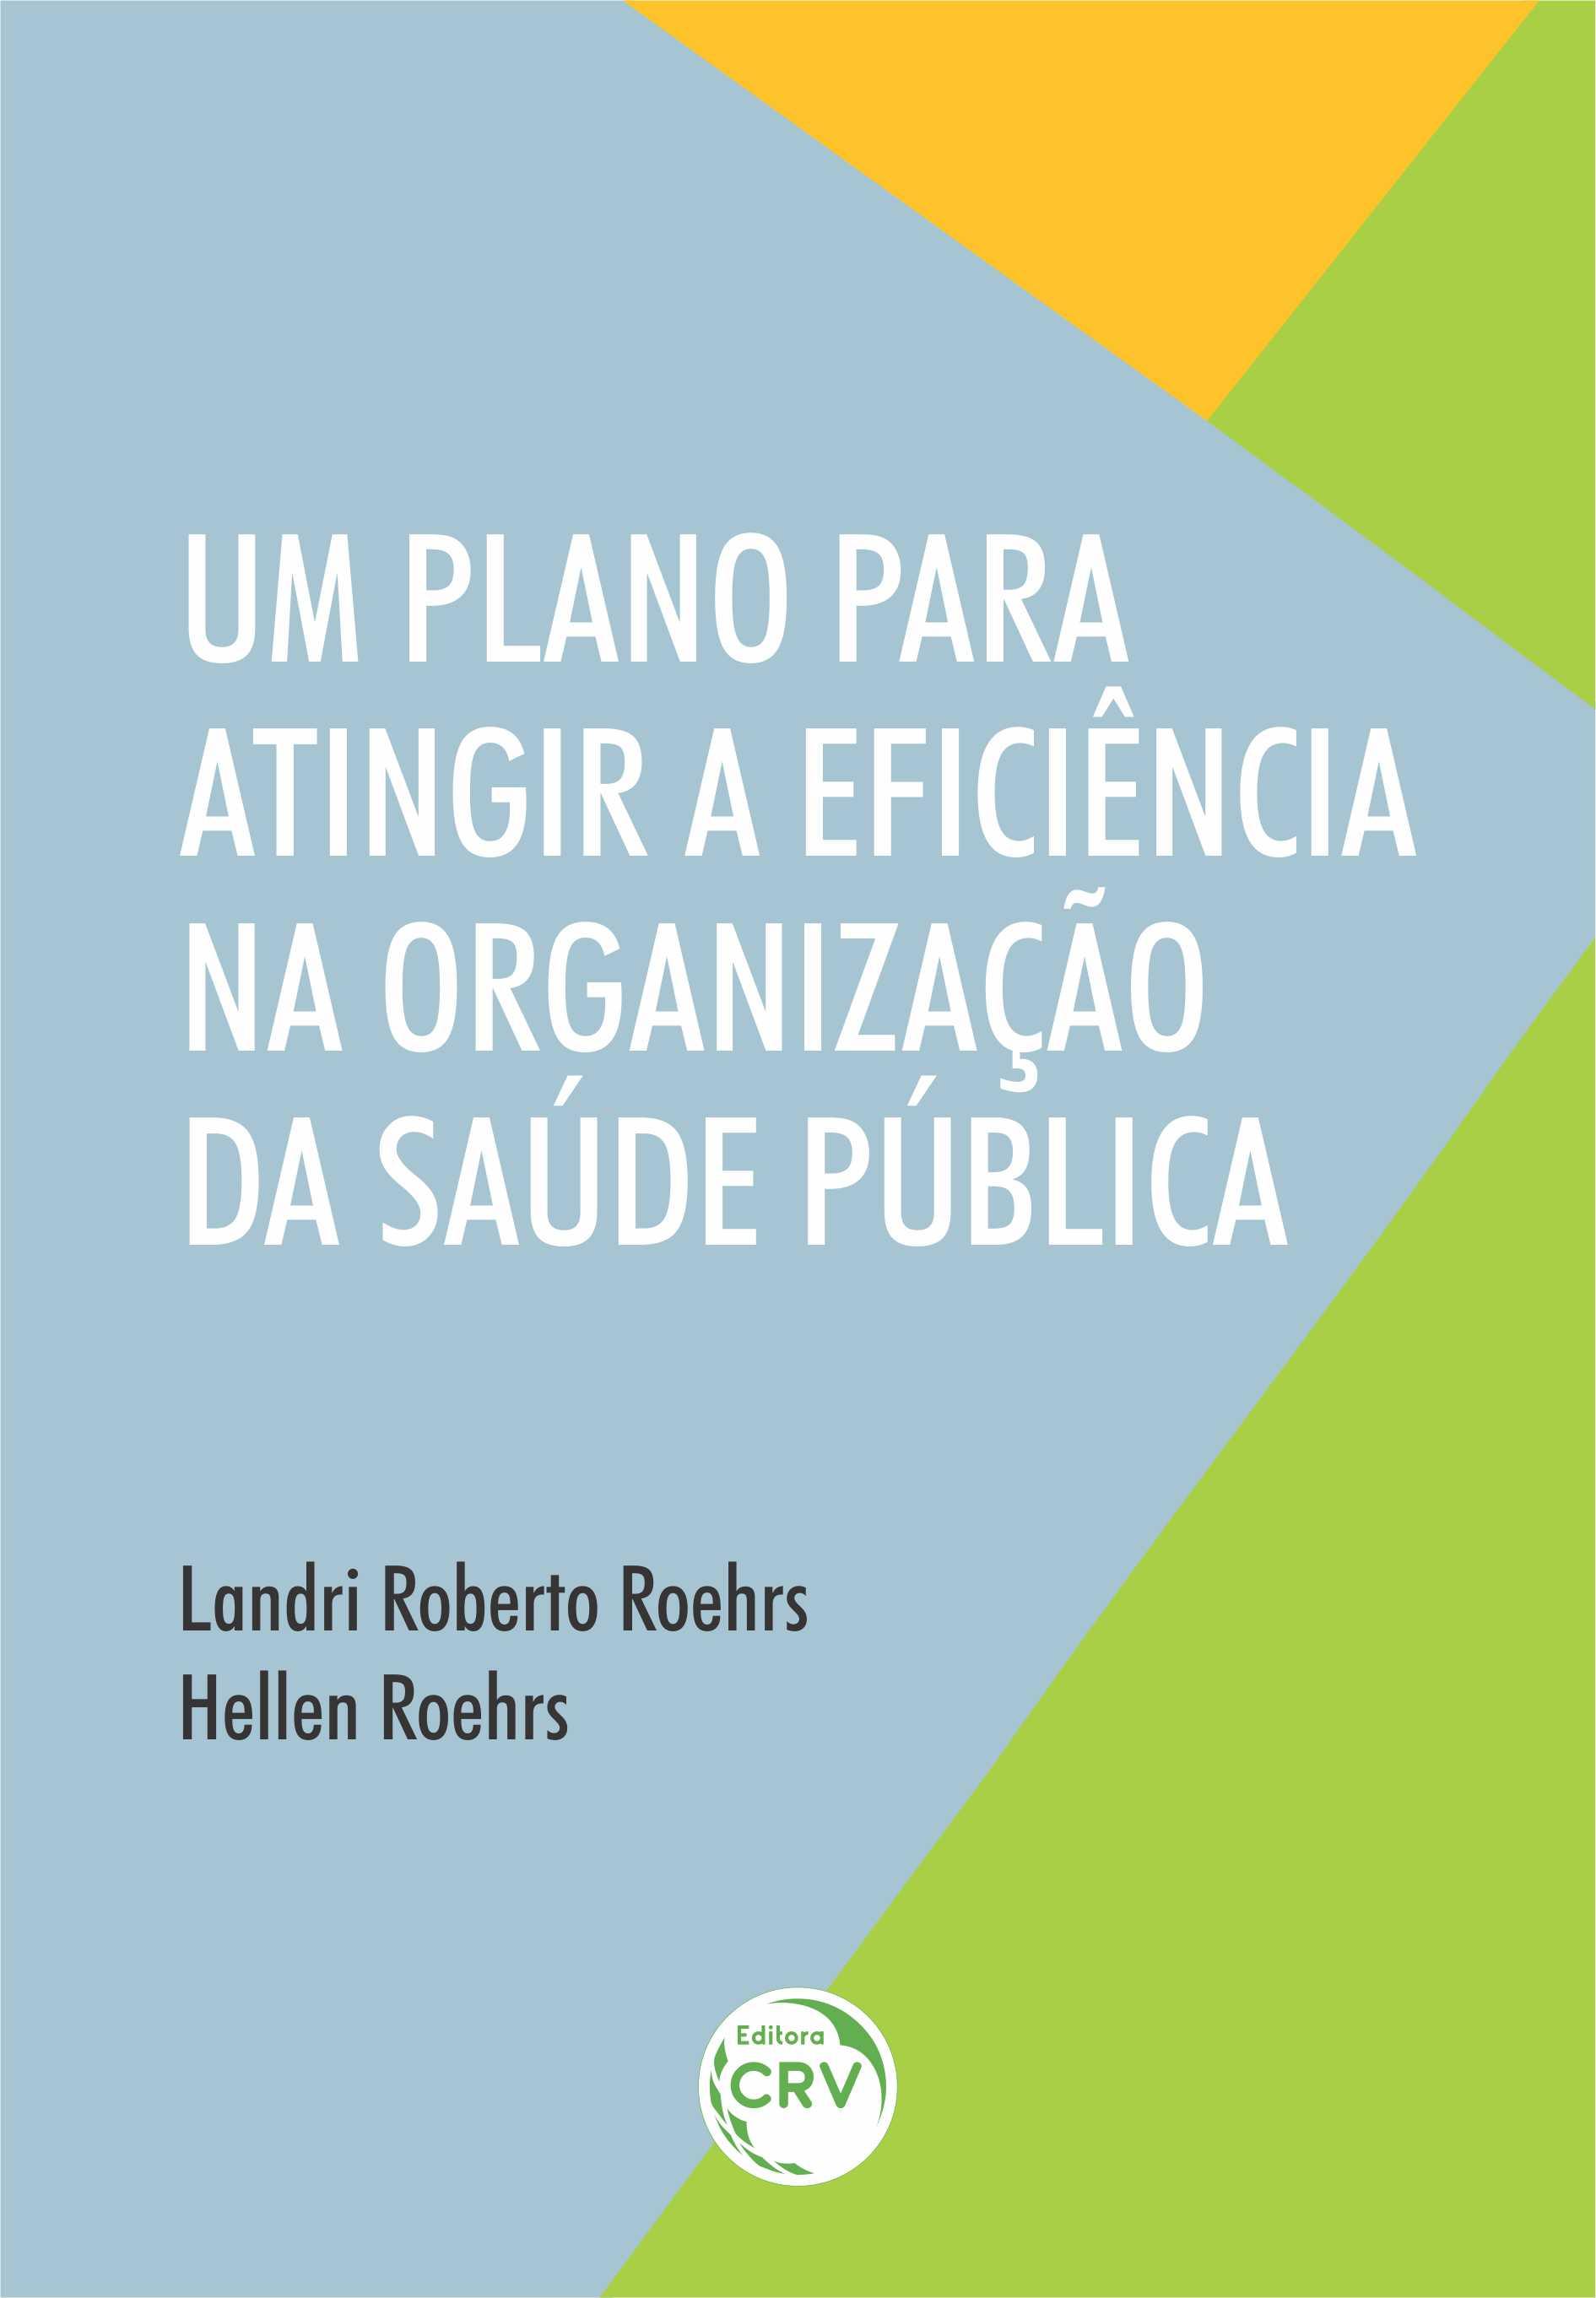 Capa do livro: UM PLANO PARA ATINGIR A EFICIÊNCIA NA ORGANIZAÇÃO DA SAÚDE PÚBLICA